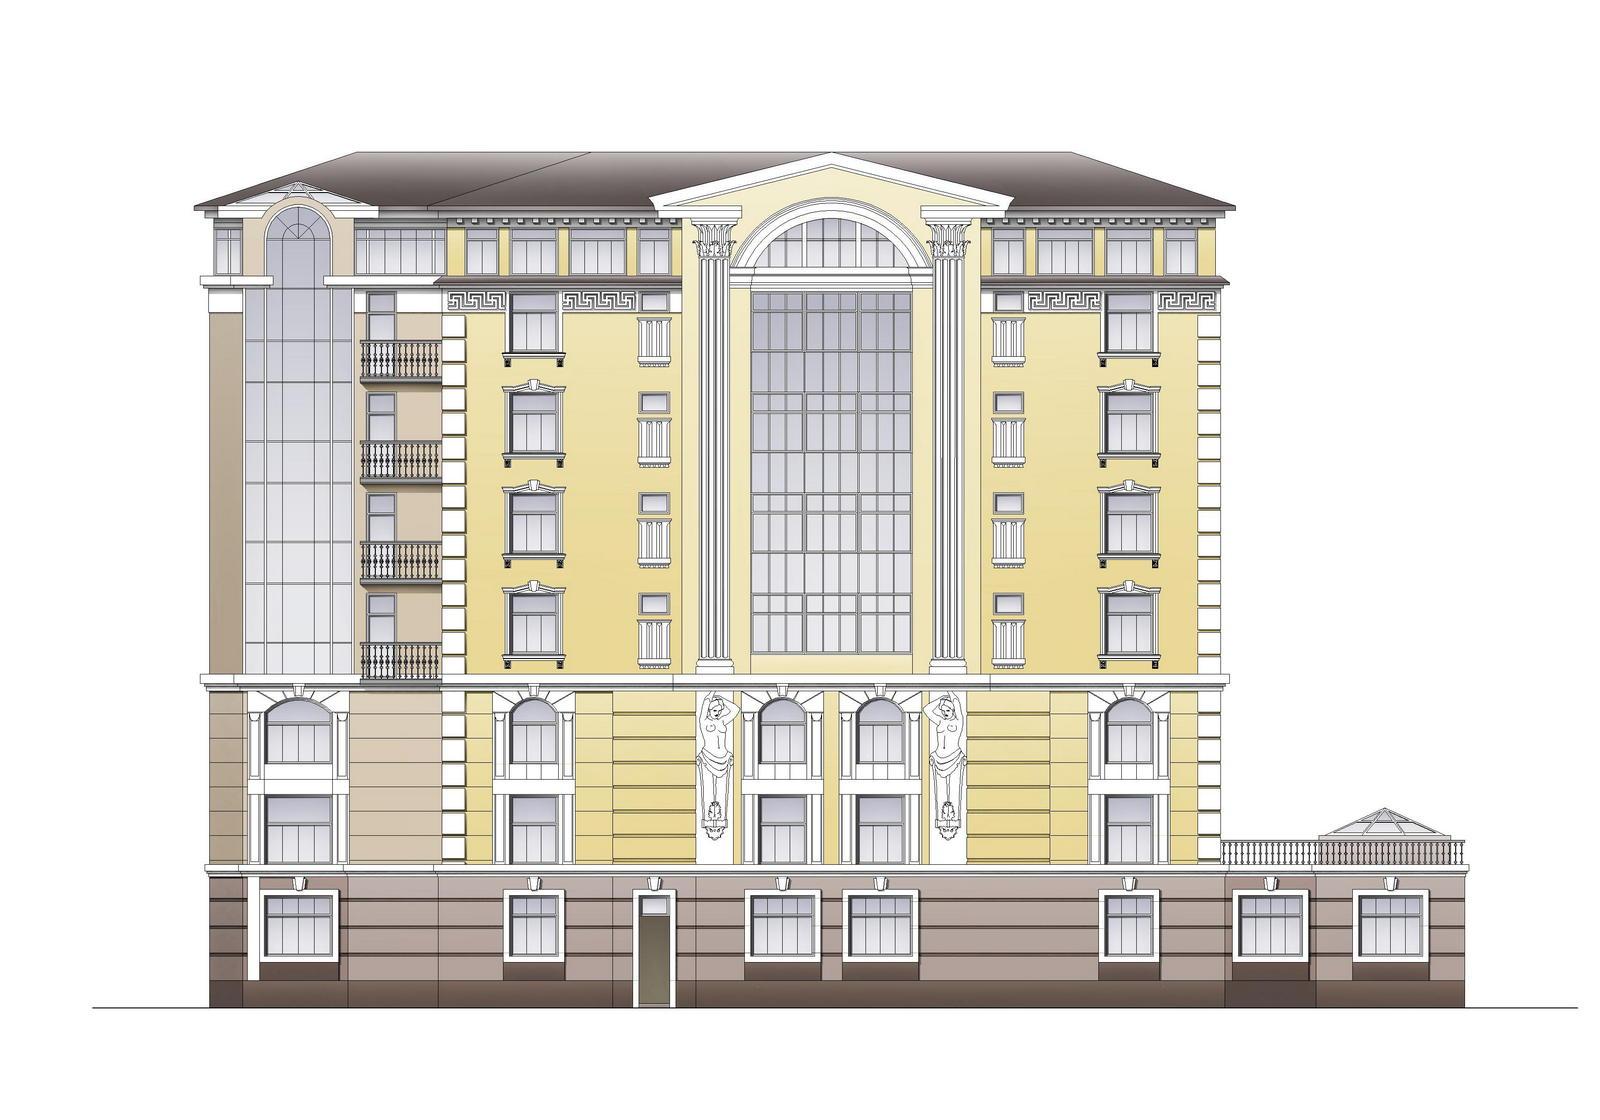 Строительство жилого дома по адресу: ул. Радищева, д. 39, лит. А